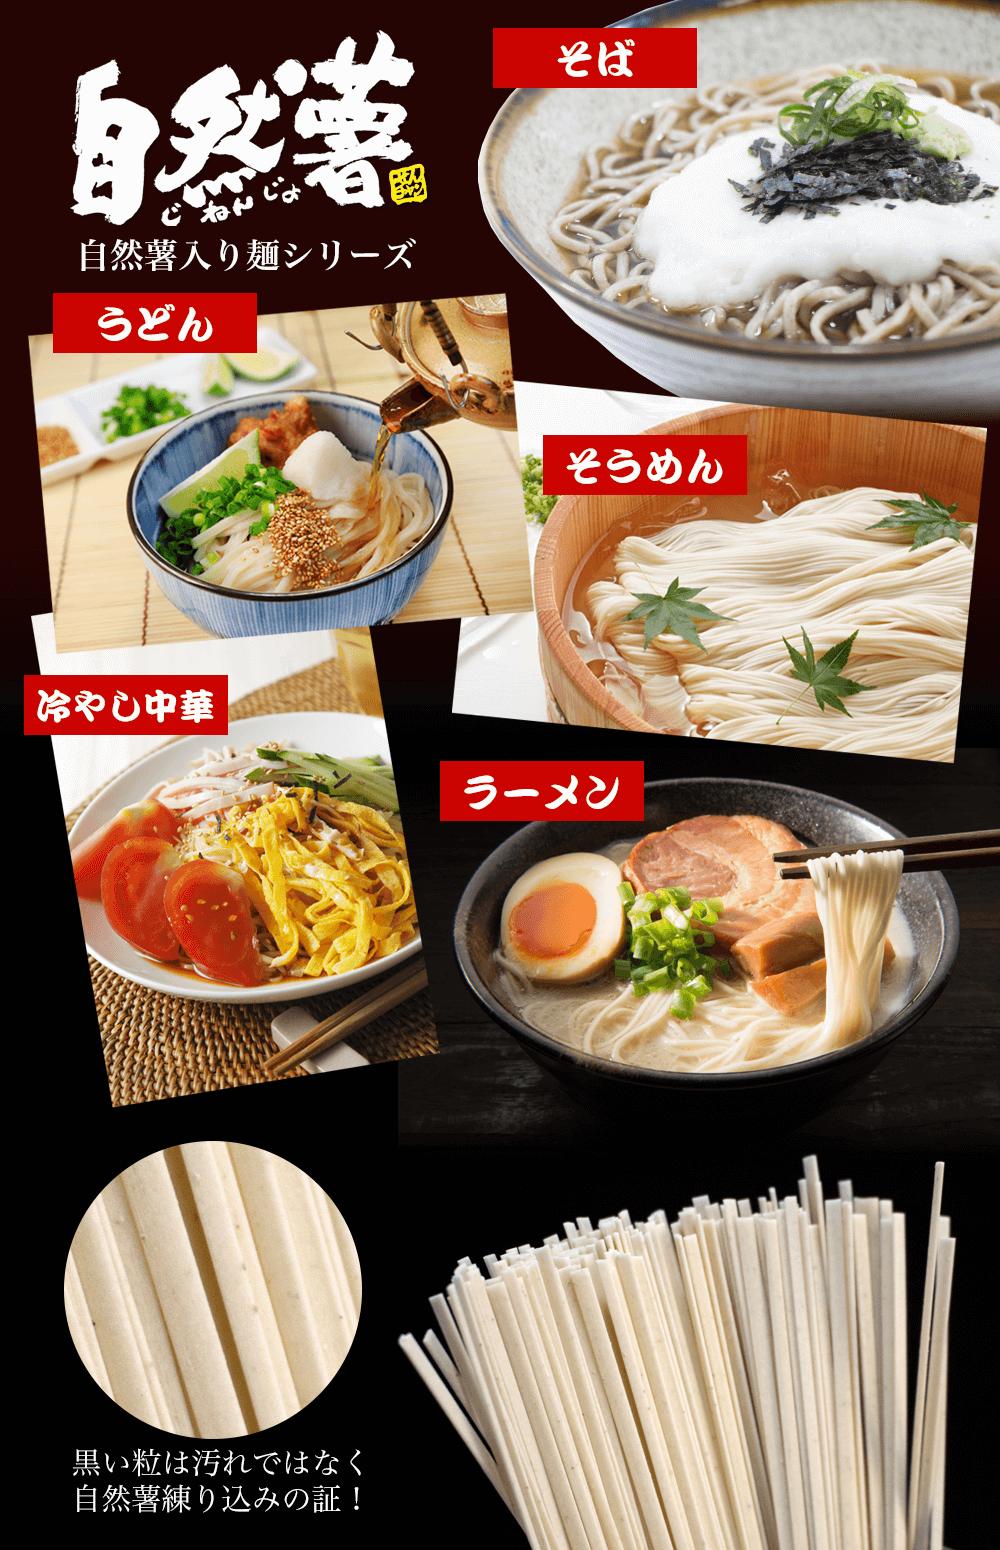 自然薯入り麺シリーズ